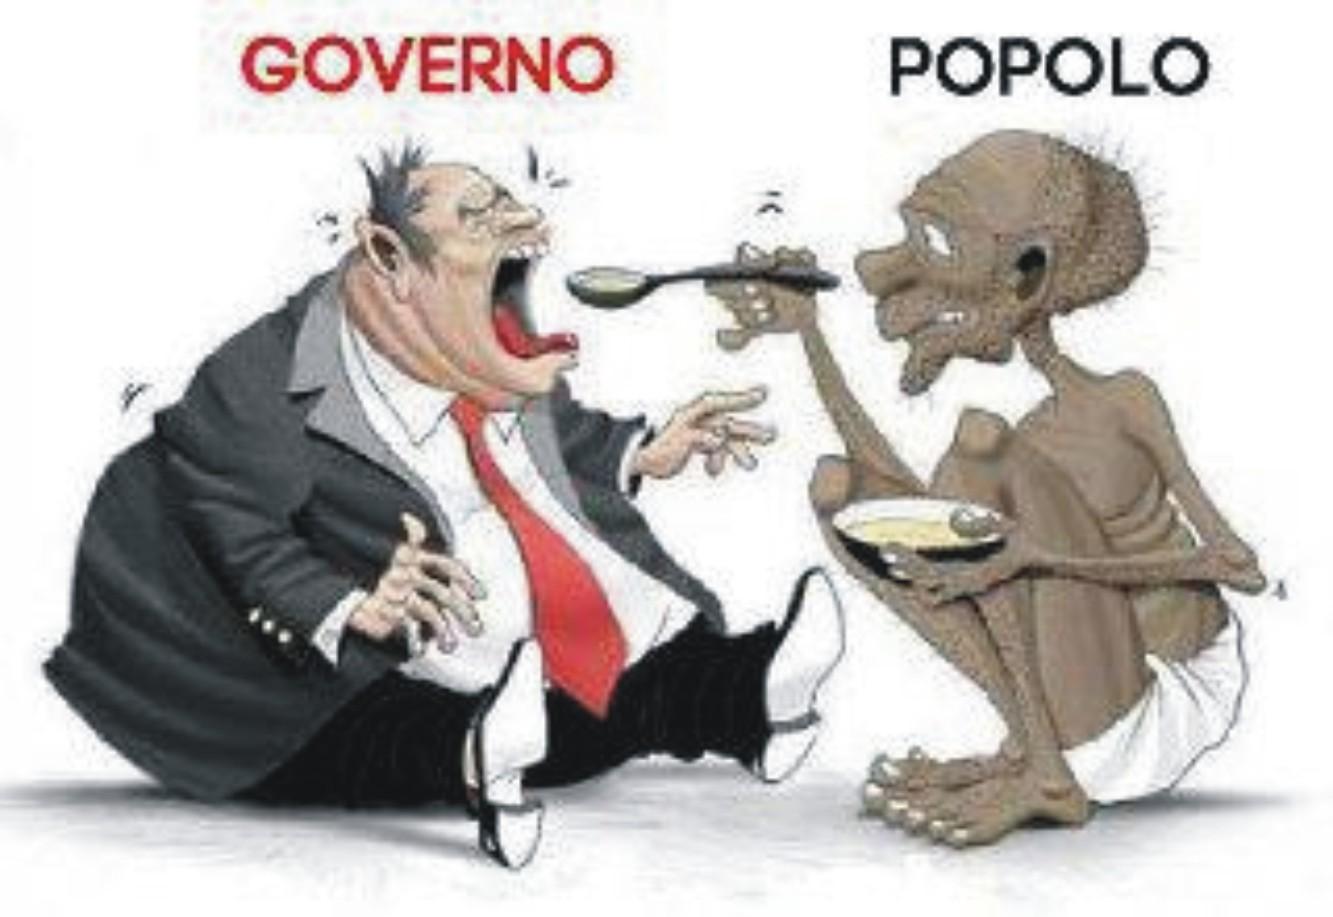 Se il potere si arrocca e mortifica (e affama) il popolo